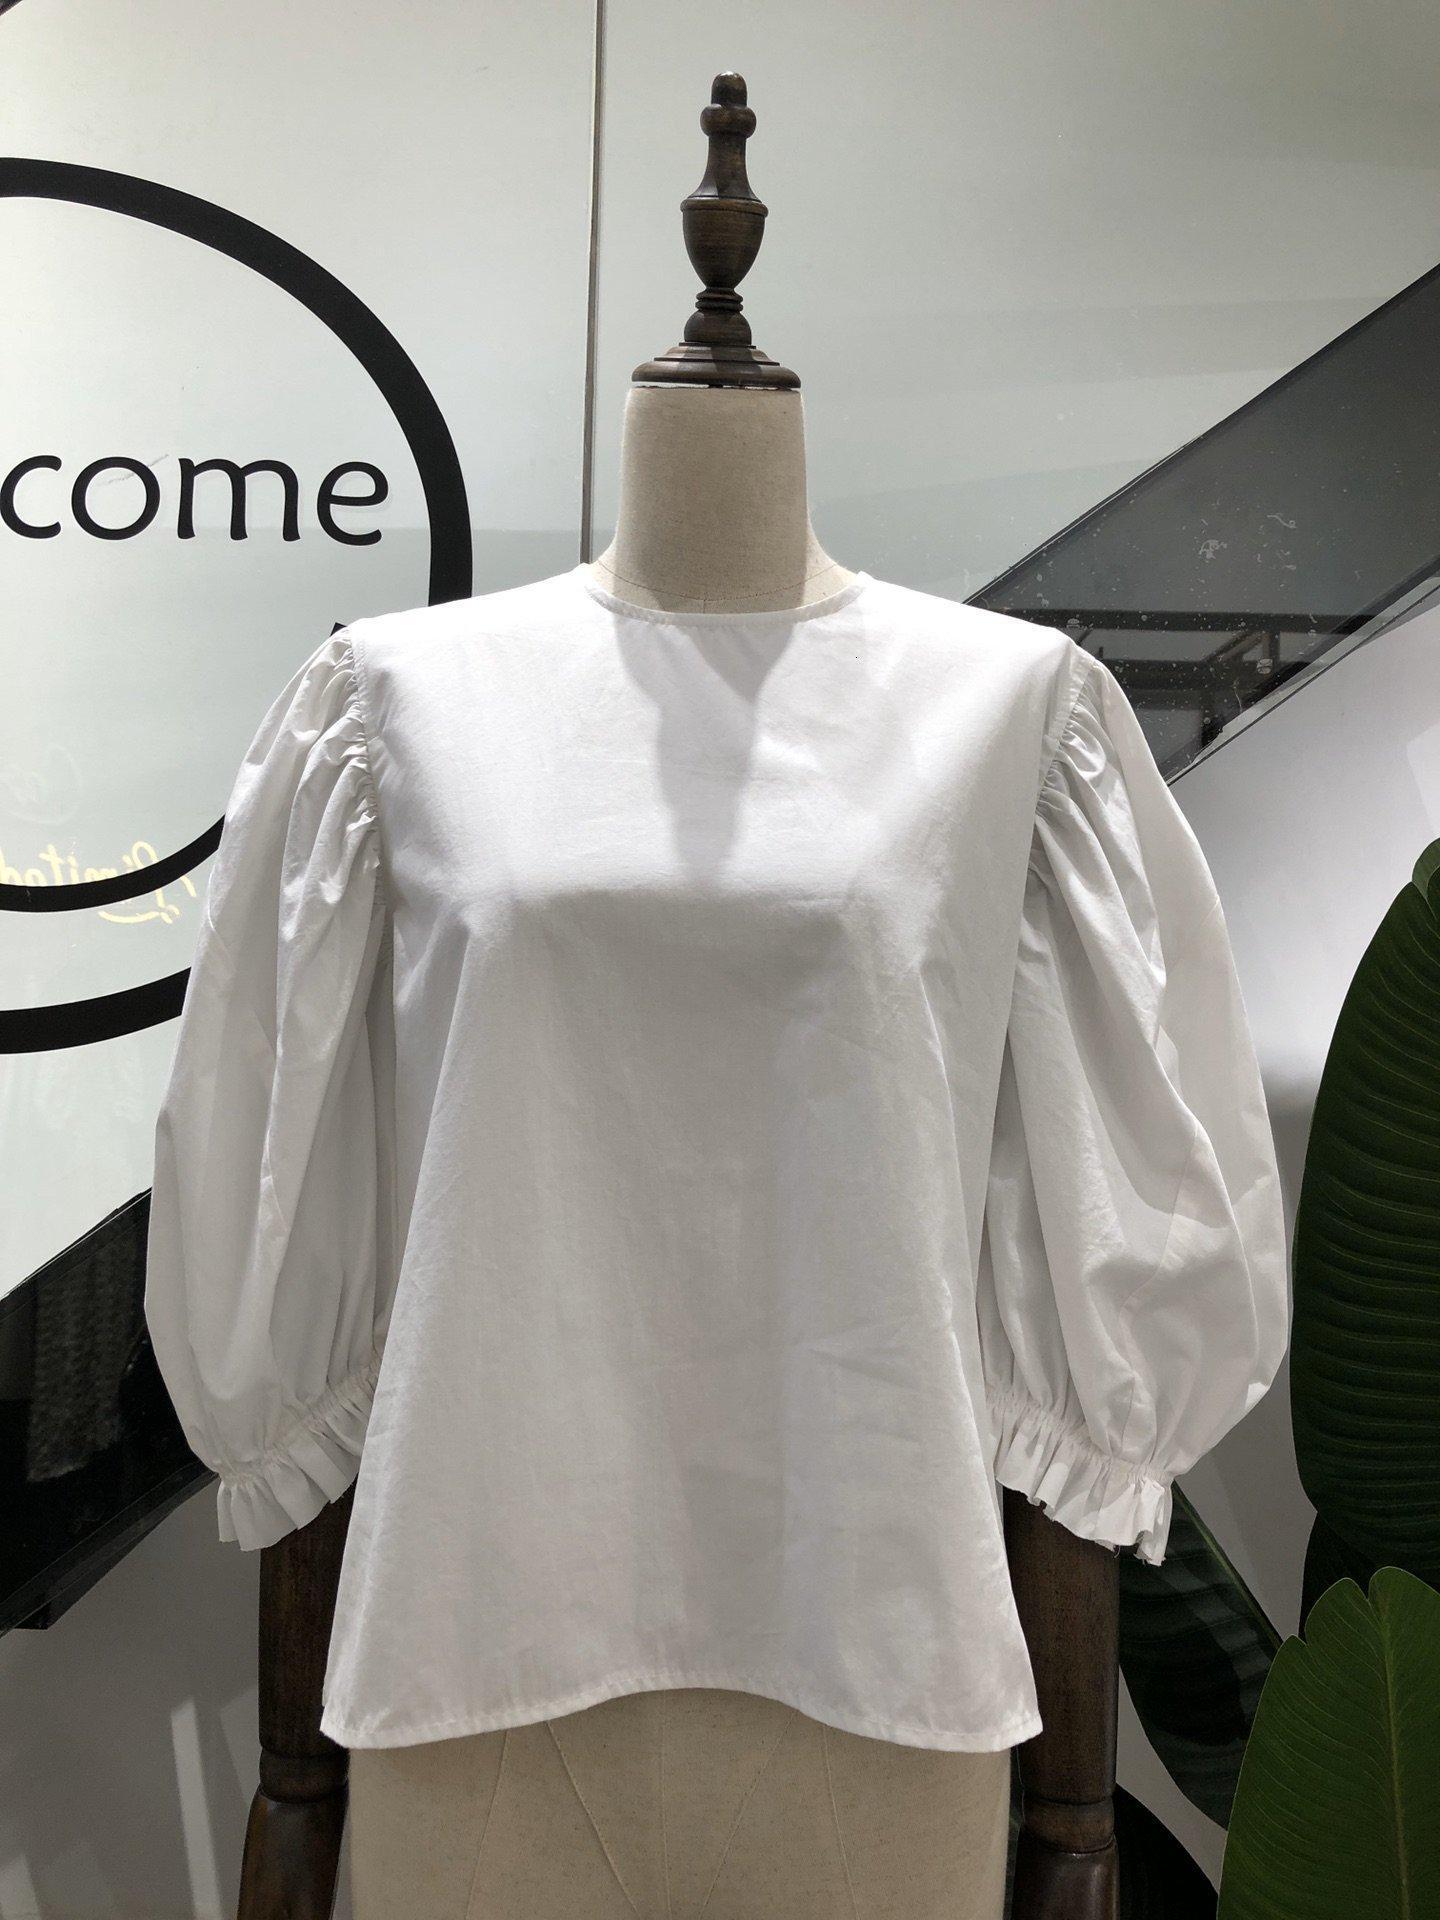 Designer Damen-Kurzschlusshosen der Frauen Sporthosen neue freies Verschiffen heiß gut aussehend lässig 9FS0 empfehlen